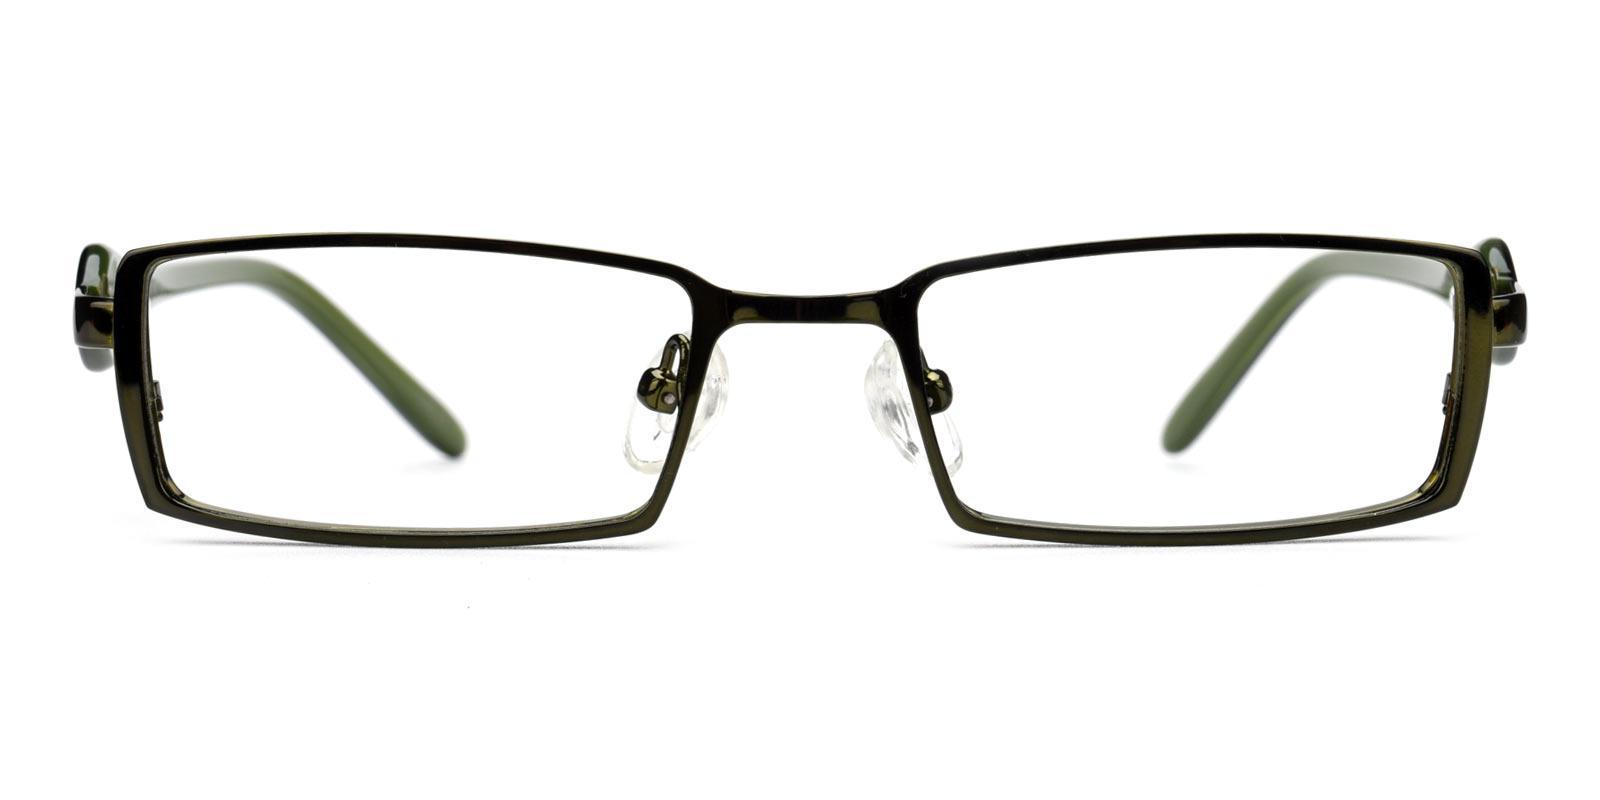 Galileo-Green-Rectangle-Metal-Eyeglasses-detail